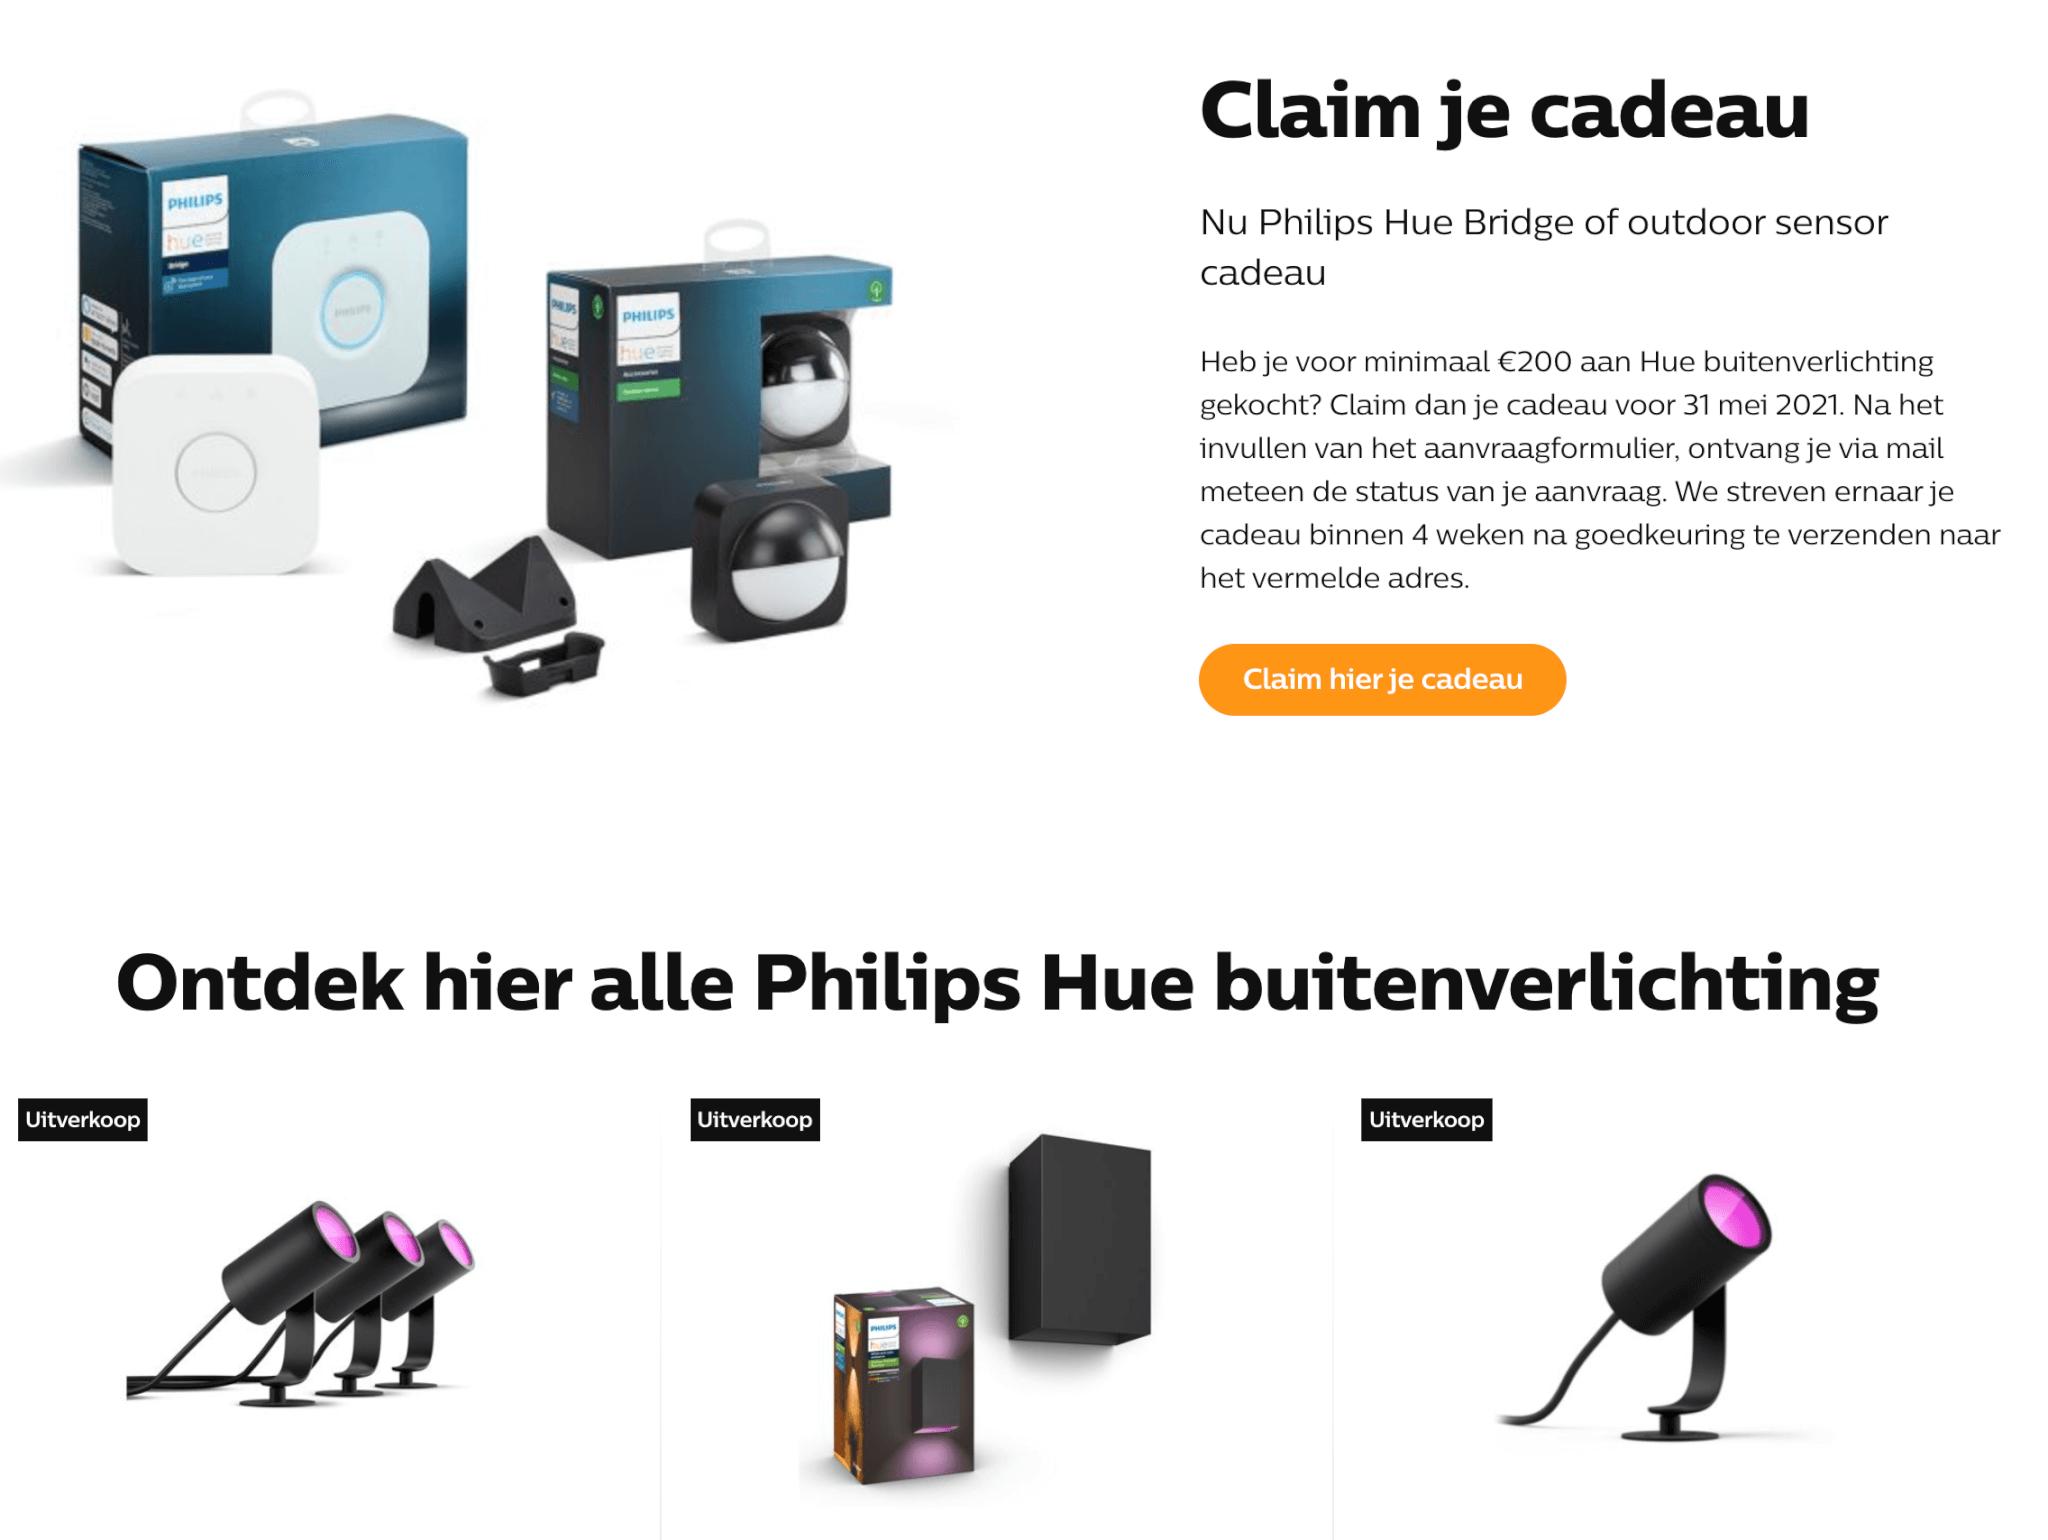 Philips hue claim je cadeau 2021